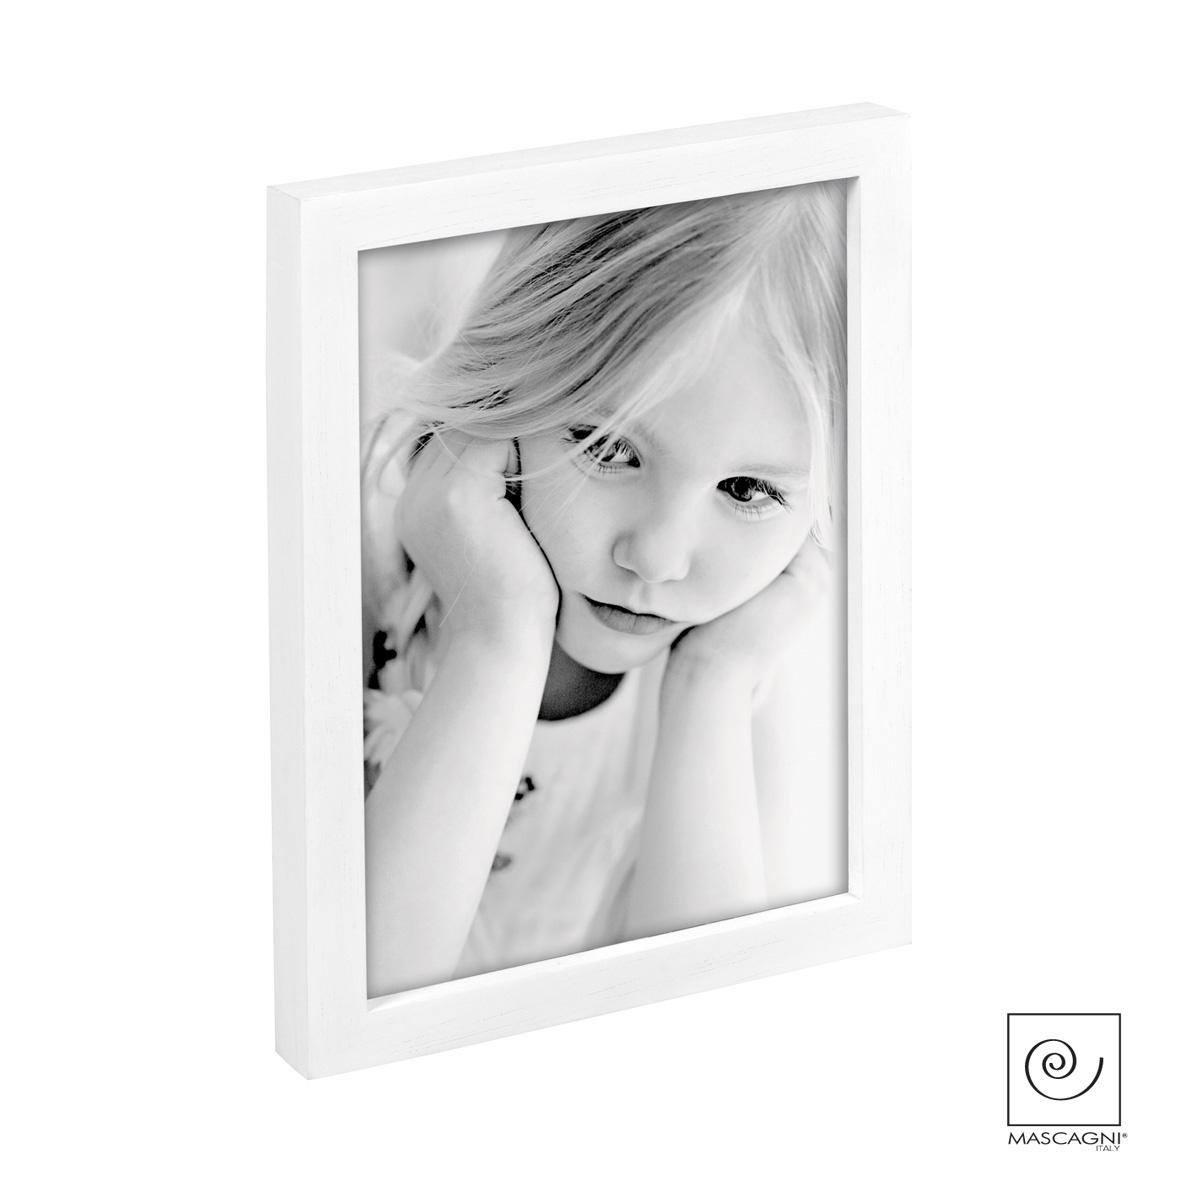 Art Mascagni M686 PHOTO FRAME 13X18 - COL.WHITE